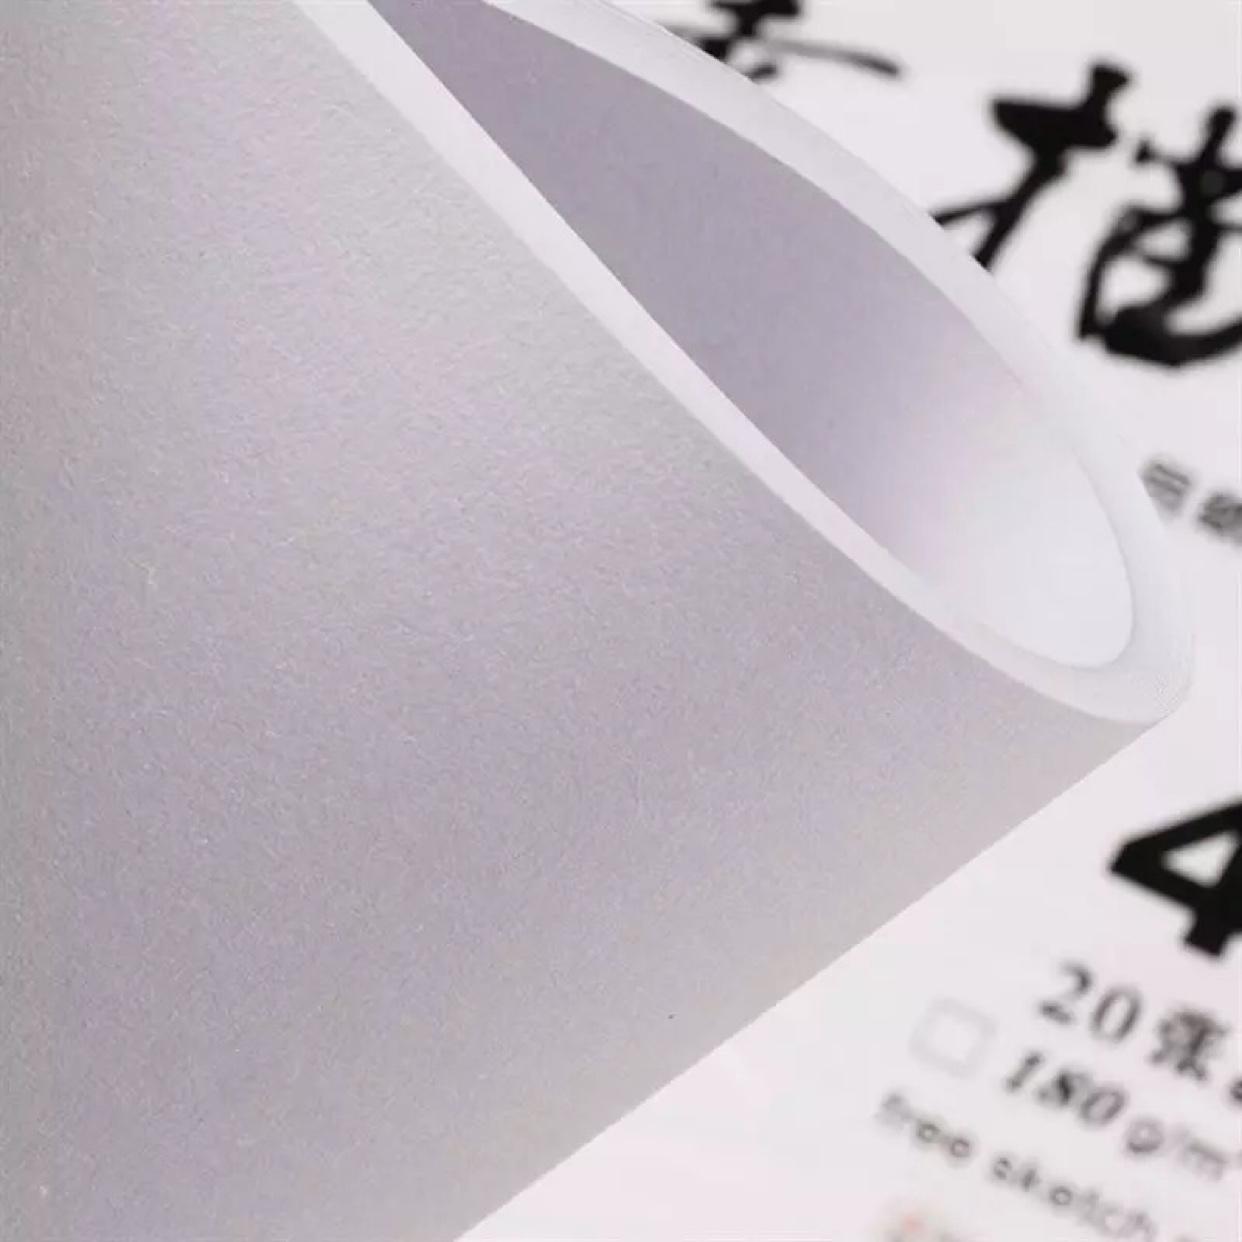 4开8开可选素描纸 素描绘图4K8K铅画纸速写纸 160G